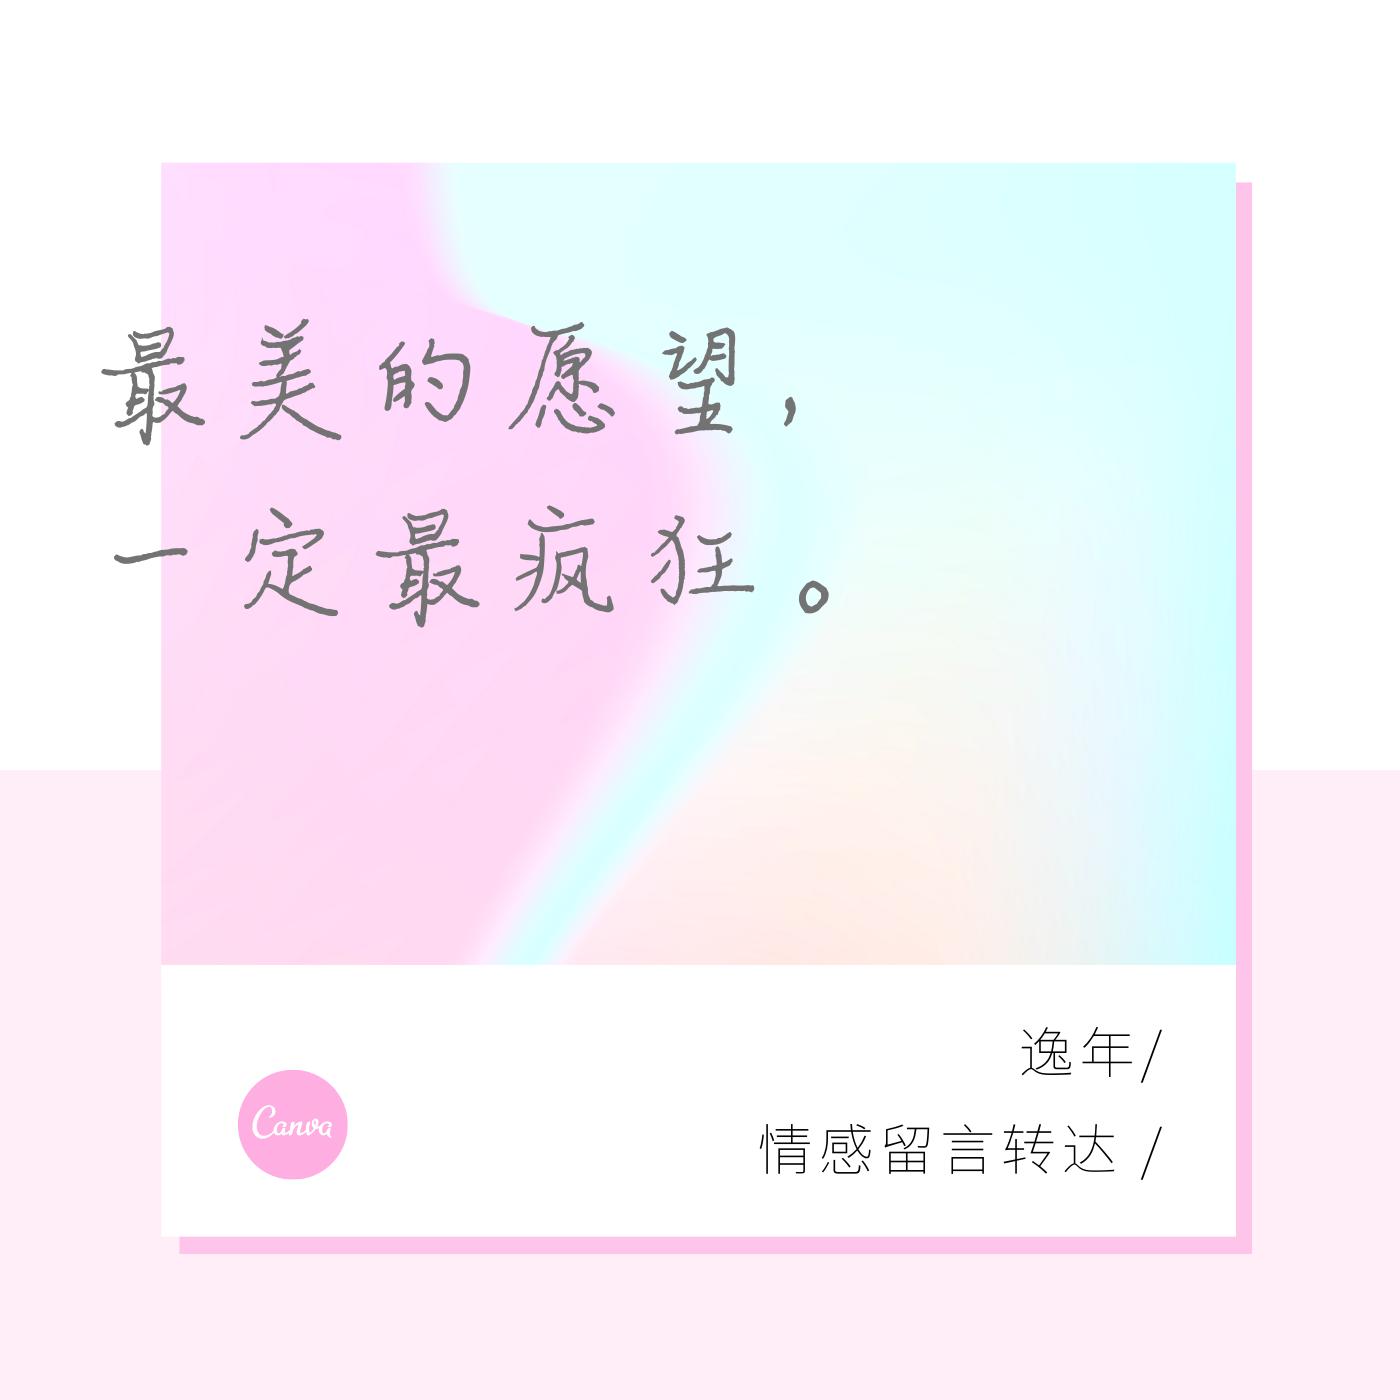 逸年_情感留言转达